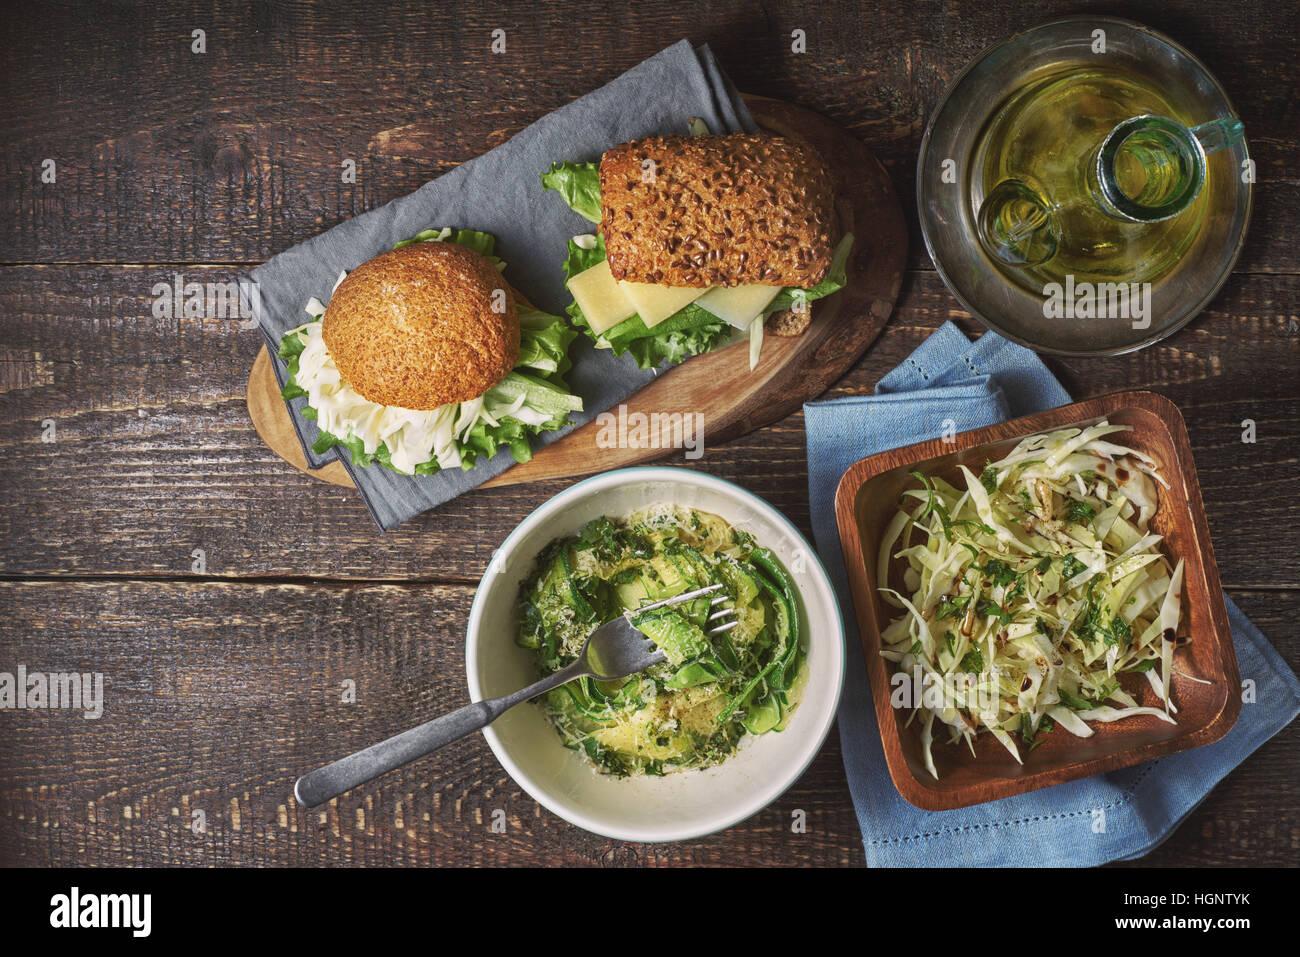 Verschiedene gesunde Snacks auf der hölzernen Tischplatte anzeigen Stockbild